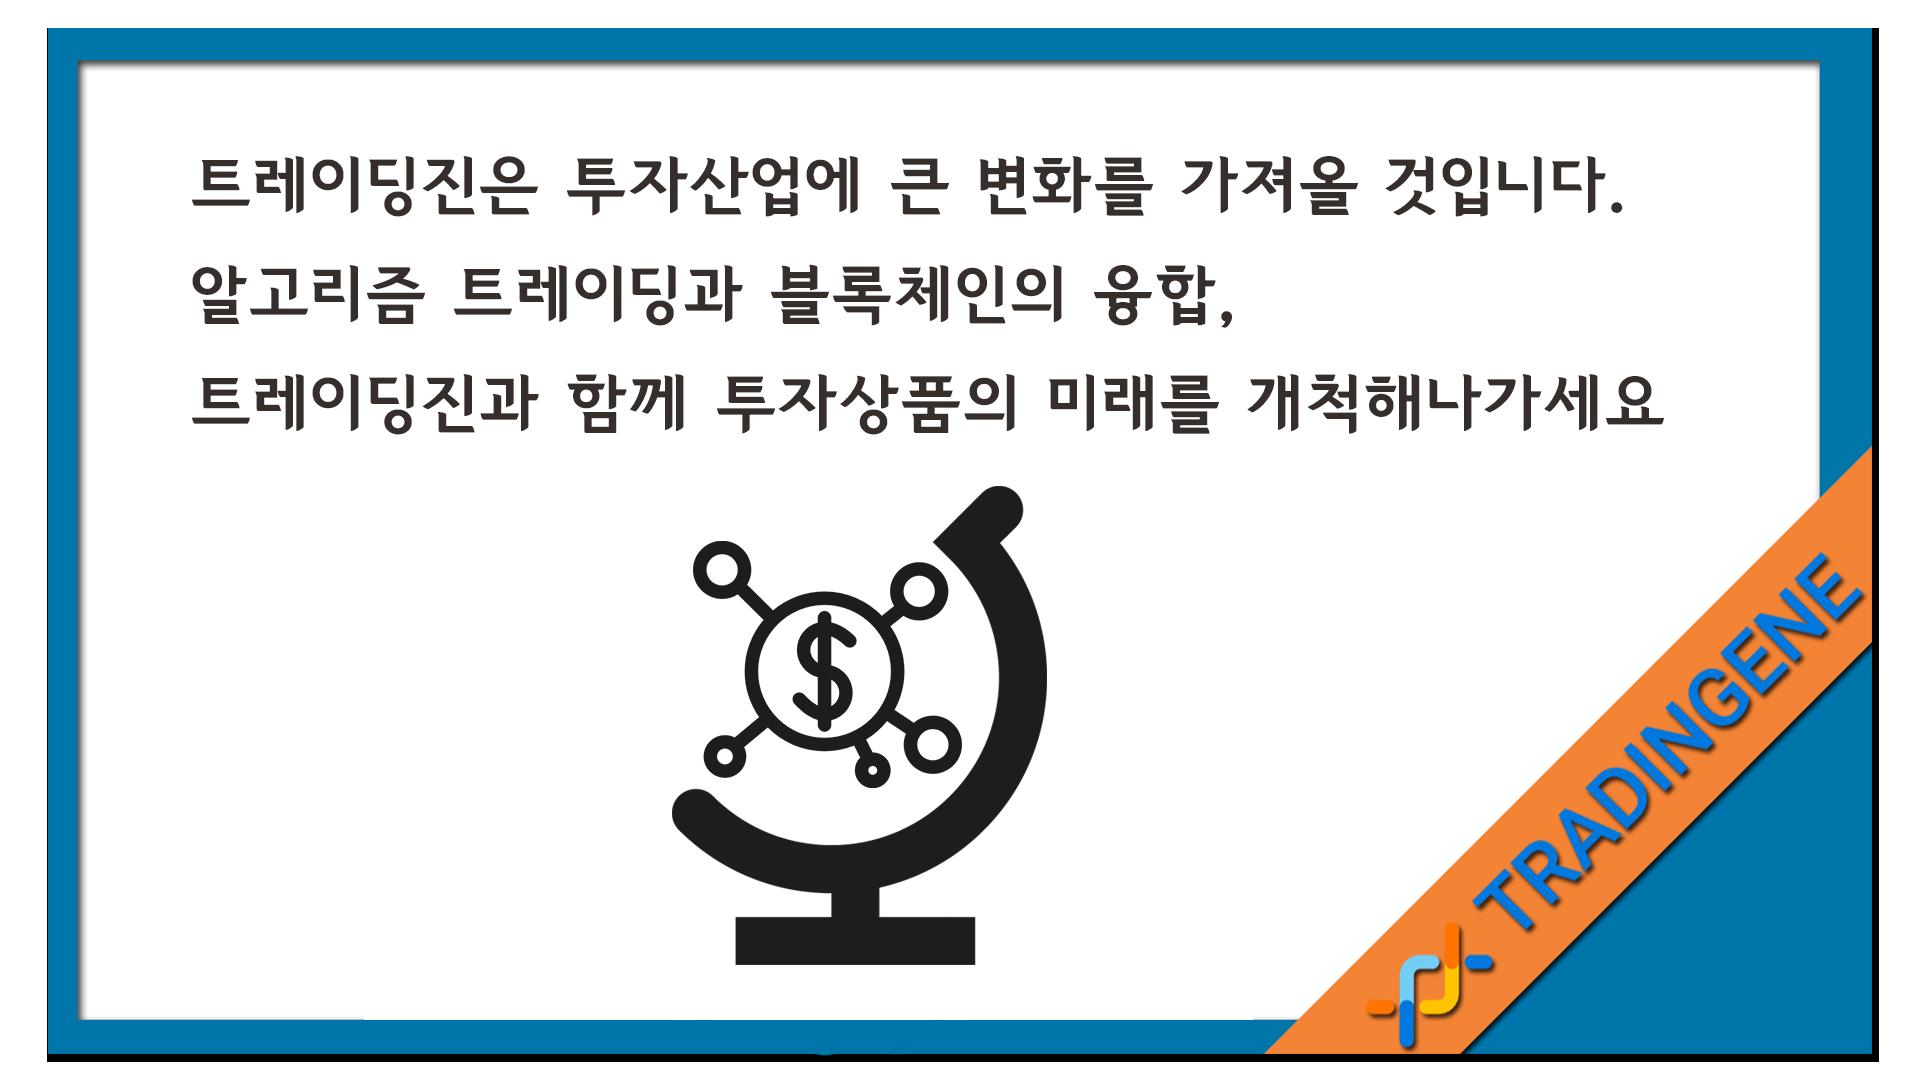 tradingene 송출자료 6.png